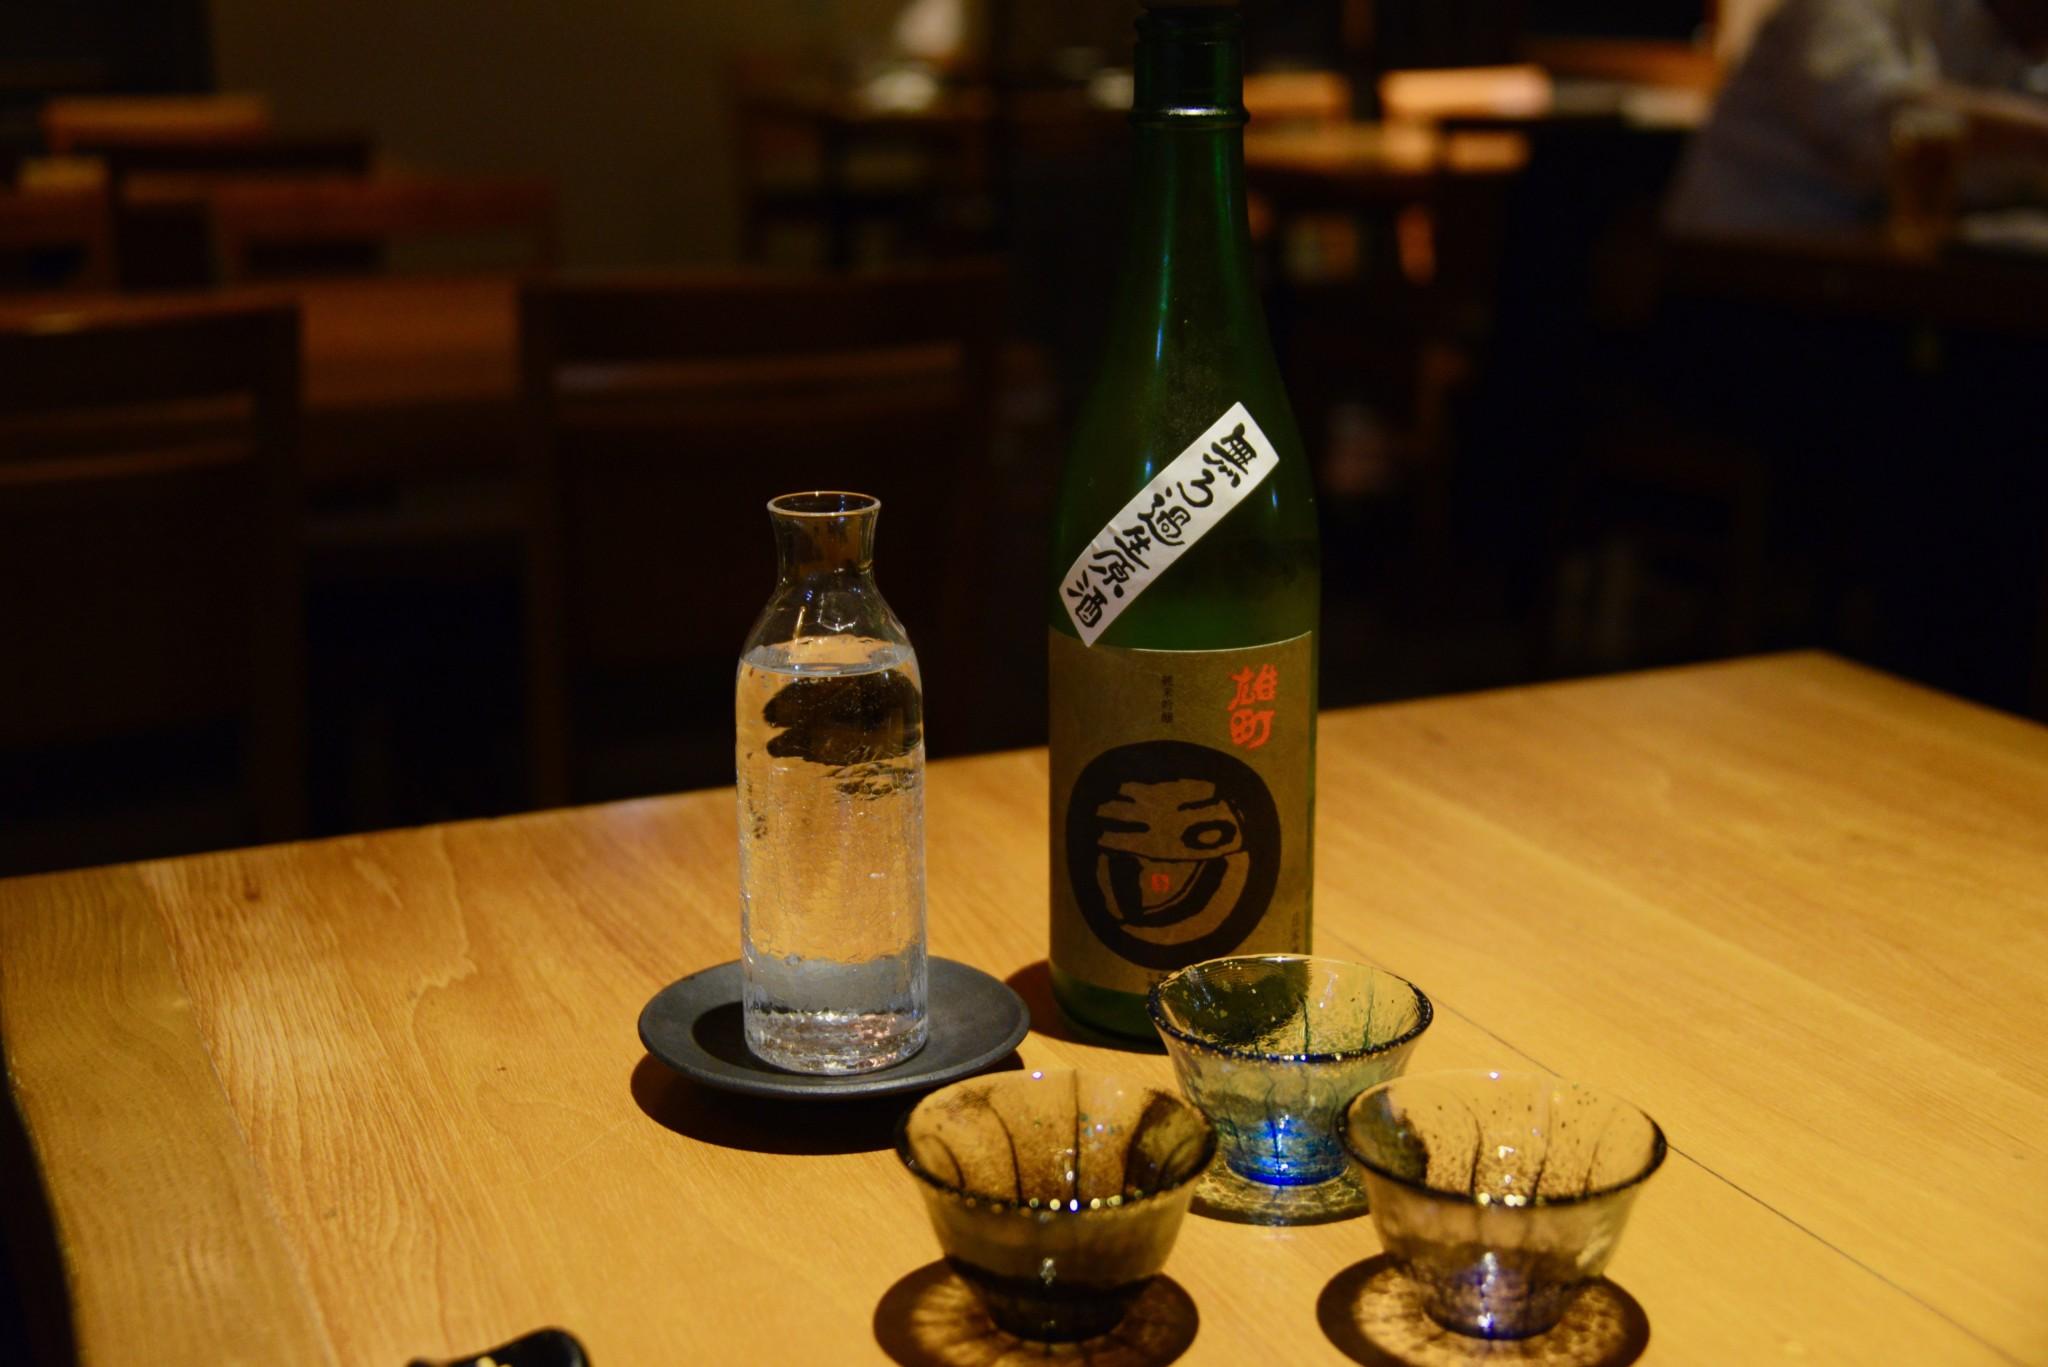 雄町米,日本酒,無ろ過,生原酒,赤磐雄町